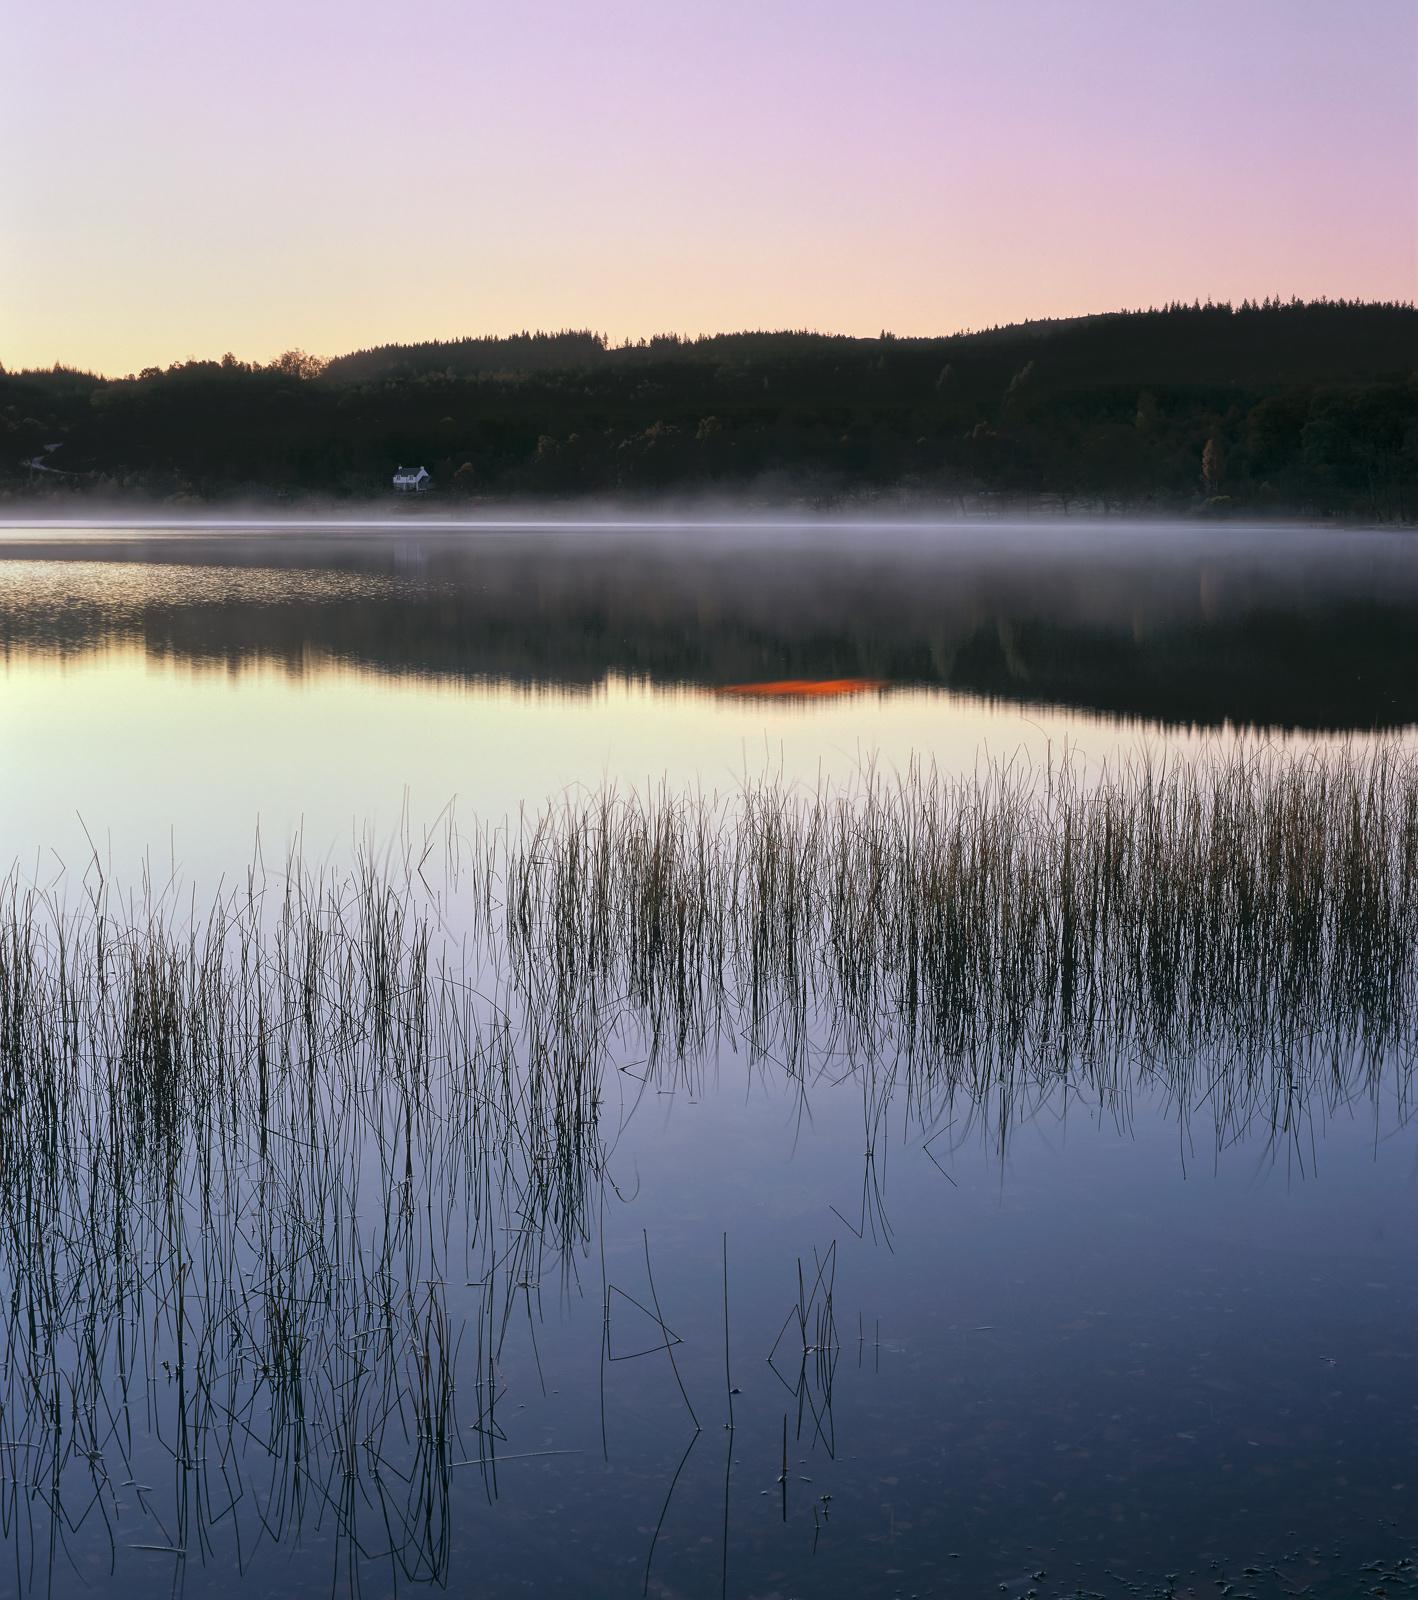 Loch Achray Velvet, Loch Achray, Trossachs, Scotland, blue, twilight, light, sweet, cold, frost, autumn, mist, wisps, ho, photo